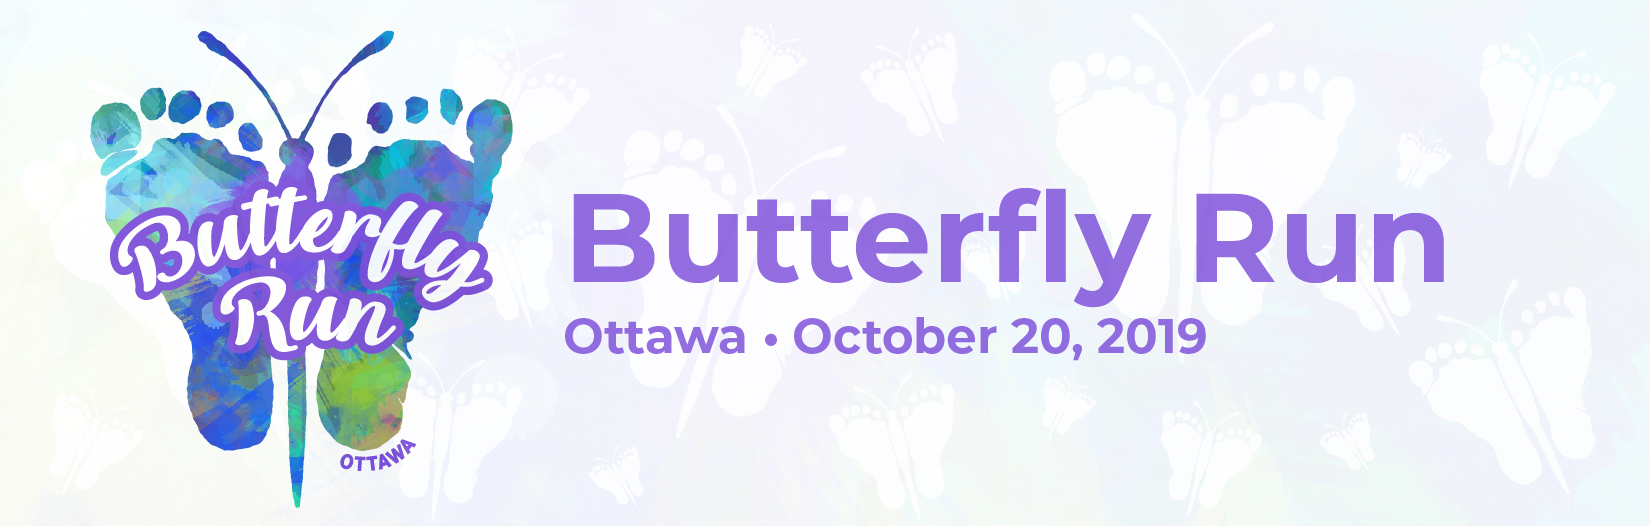 2019 Butterfly Run - 2019 Butterfly Run